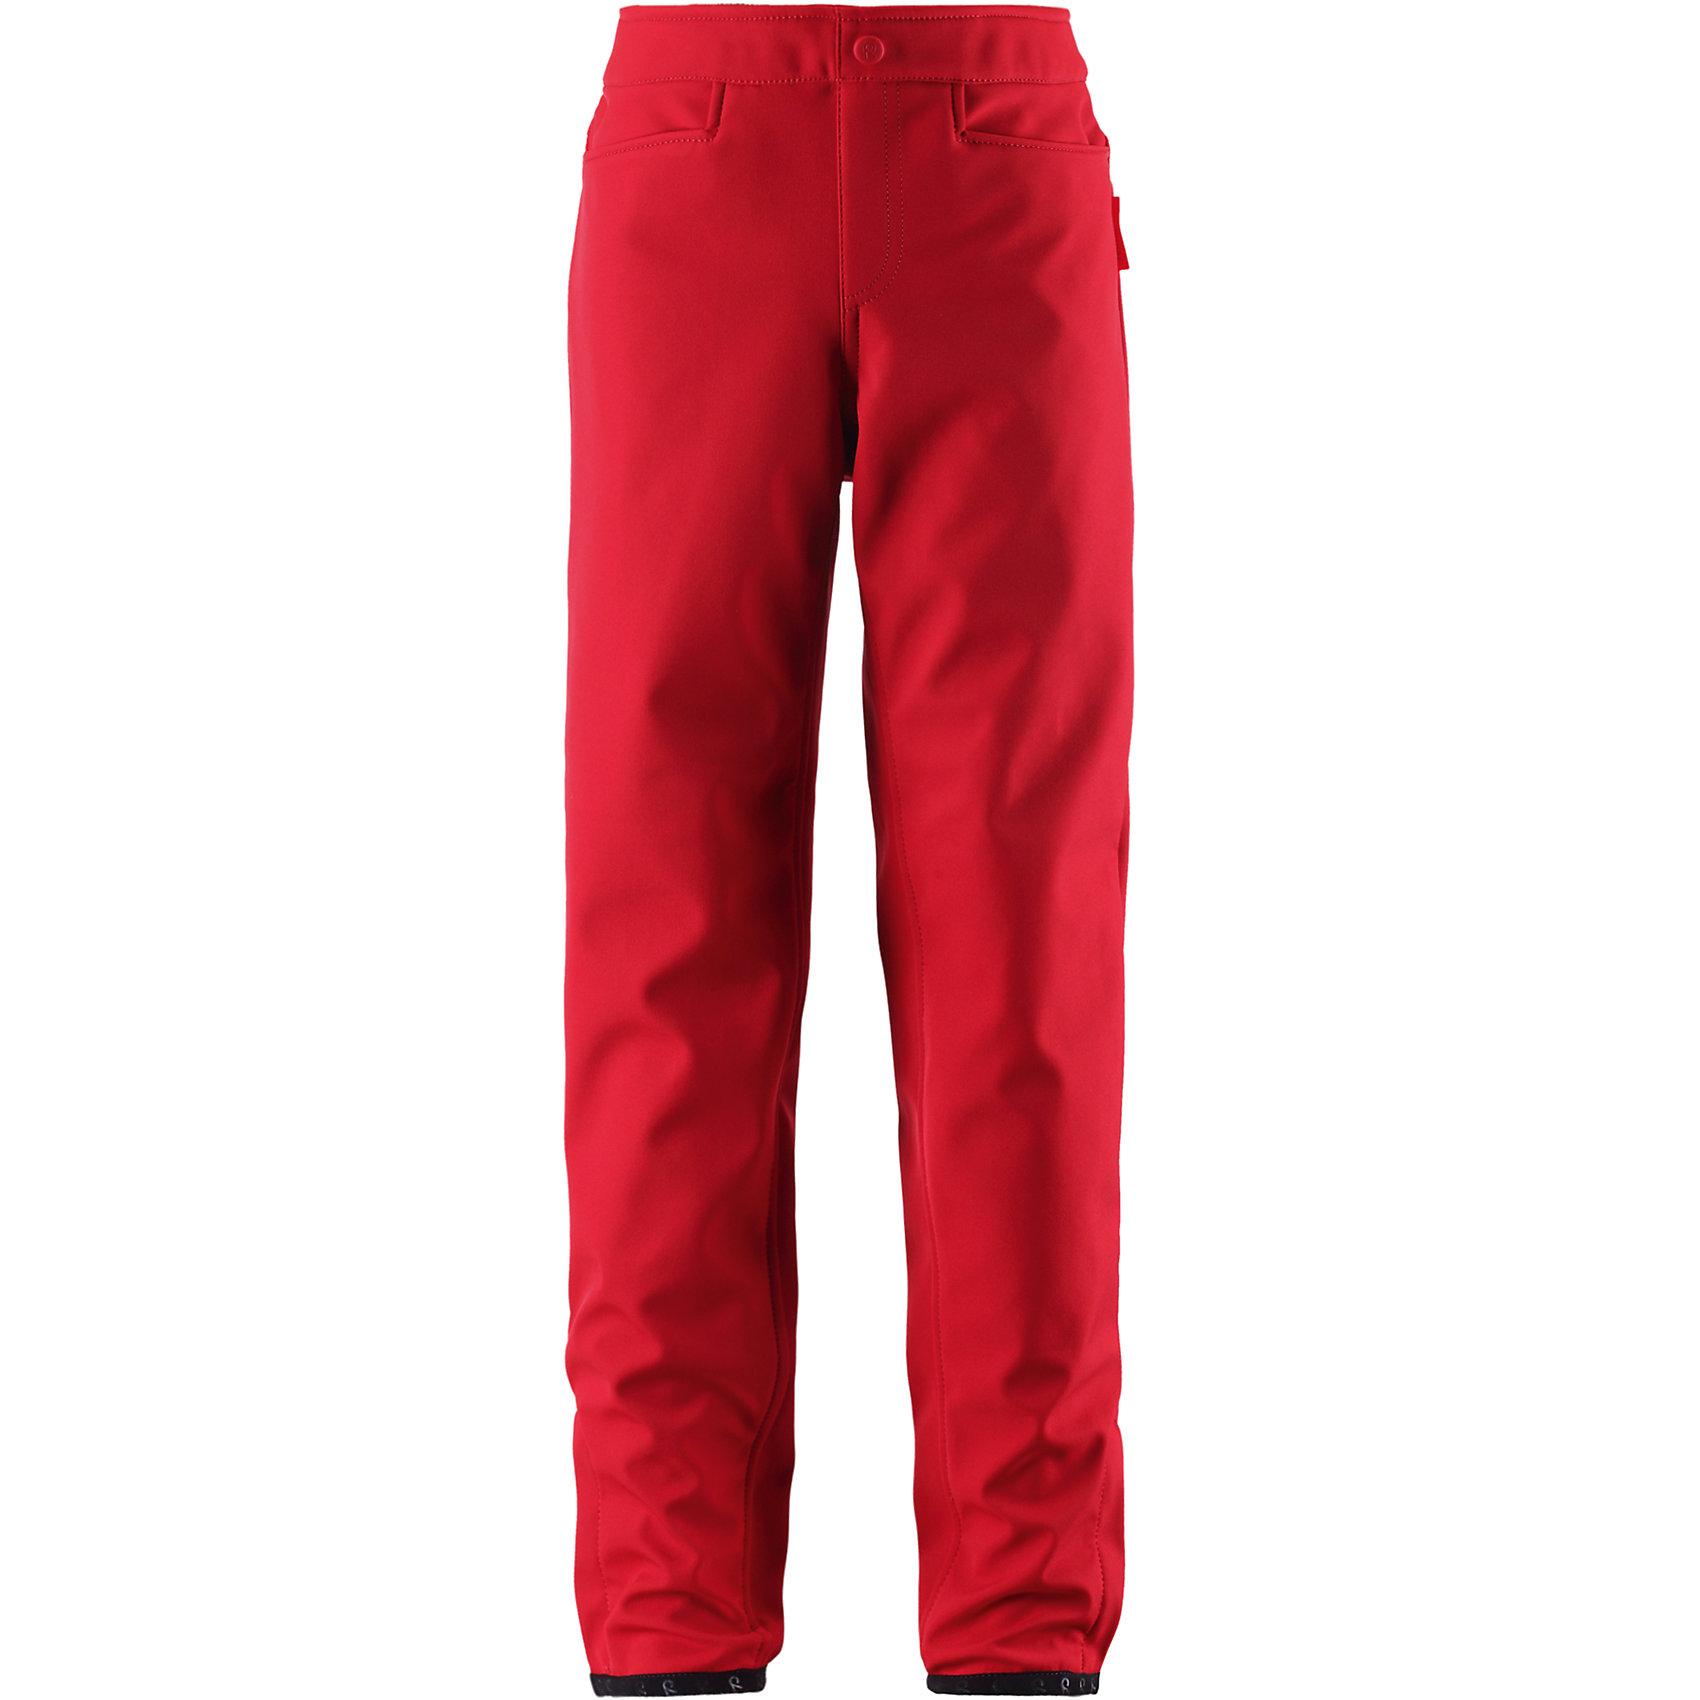 Брюки ReimaОдежда<br>Брюки Reima (Рейма), красный от известного финского производителя  детской одежды Reima. Брюки выполнены из 100% полиэстера, обладают высокой износоустойчивостью, воздухопроницаемыми, водооталкивающими и грязеотталкивающими свойствами. Изделие устойчиво к изменению формы и цвета даже при длительном использовании. Силуэт брюк имеет слегка приталенную форму и эластичный регулируемый пояс, что повышает удобство и комфорт даже при активном отдыхе на природе. У пояса имеются шлевки, спереди брюк – боковые втачные карманы, ширина низа брючин регулируется за счет имеющихся застежек на липучках. <br><br>Дополнительная информация:<br><br>- Предназначение: повседневная одежда для прогулок и активного отдыха<br>- Цвет: красный<br>- Пол: для девочки<br>- Состав: 100% полиэстер<br>- Сезон: демисезонные<br>- Особенности ухода: стирать изделие, предварительно вывернув его на левую сторону, не использовать отбеливающие вещества<br><br>Подробнее:<br><br>• Для детей в возрасте: от 7 лет и до 8 лет<br>• Страна производитель: Китай<br>• Торговый бренд: Reima, Финляндия<br><br>Брюки Reima (Рейма), красный можно купить в нашем интернет-магазине.<br><br>Ширина мм: 215<br>Глубина мм: 88<br>Высота мм: 191<br>Вес г: 336<br>Цвет: красный<br>Возраст от месяцев: 36<br>Возраст до месяцев: 48<br>Пол: Унисекс<br>Возраст: Детский<br>Размер: 104,134,110,116<br>SKU: 4869740